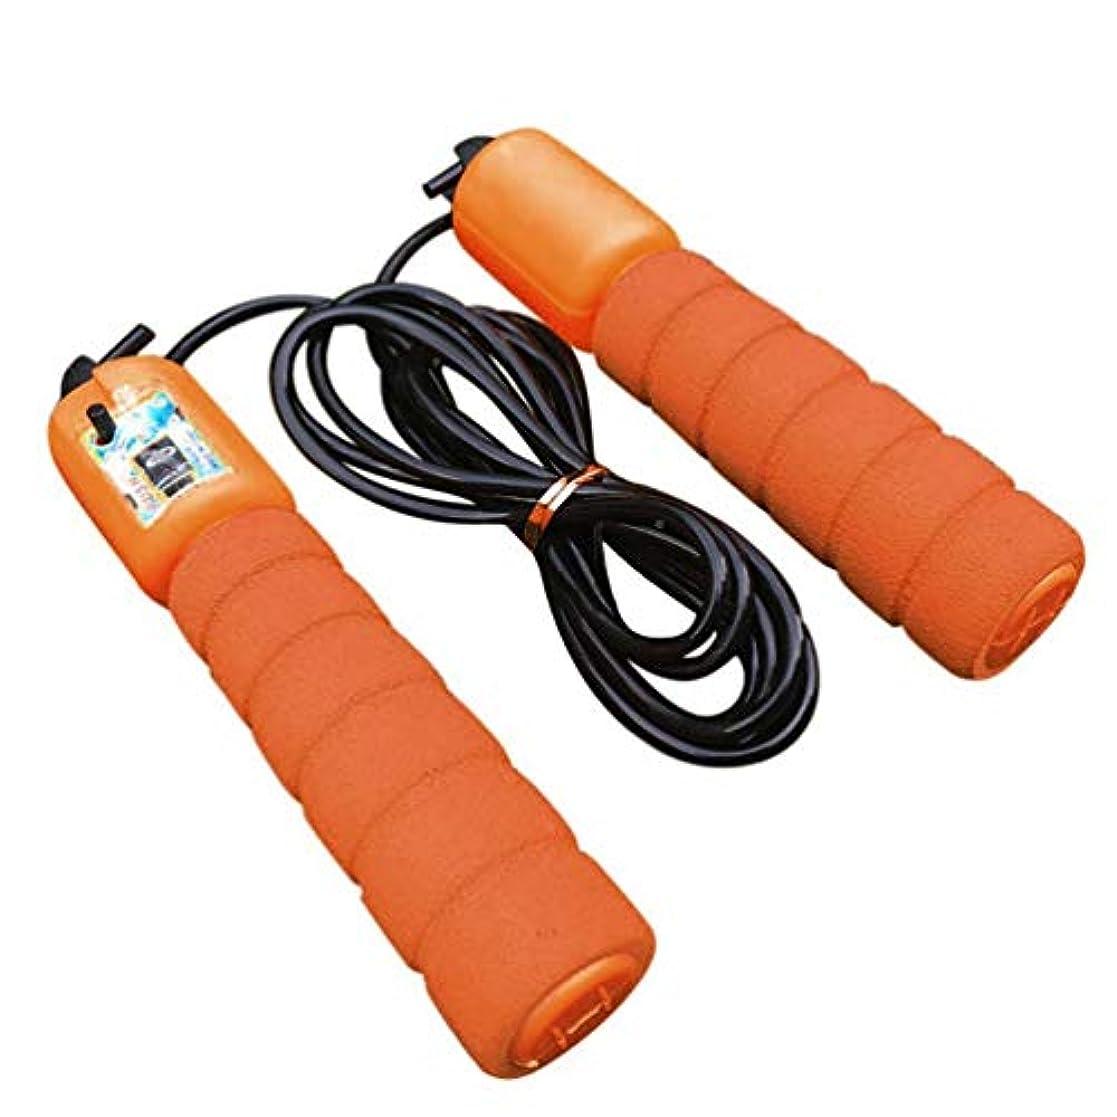 スクリーチ歩行者ストライプ調整可能なプロフェッショナルカウントスキップロープ自動カウントジャンプロープフィットネスエクササイズ高速スピードカウントジャンプロープ-オレンジ